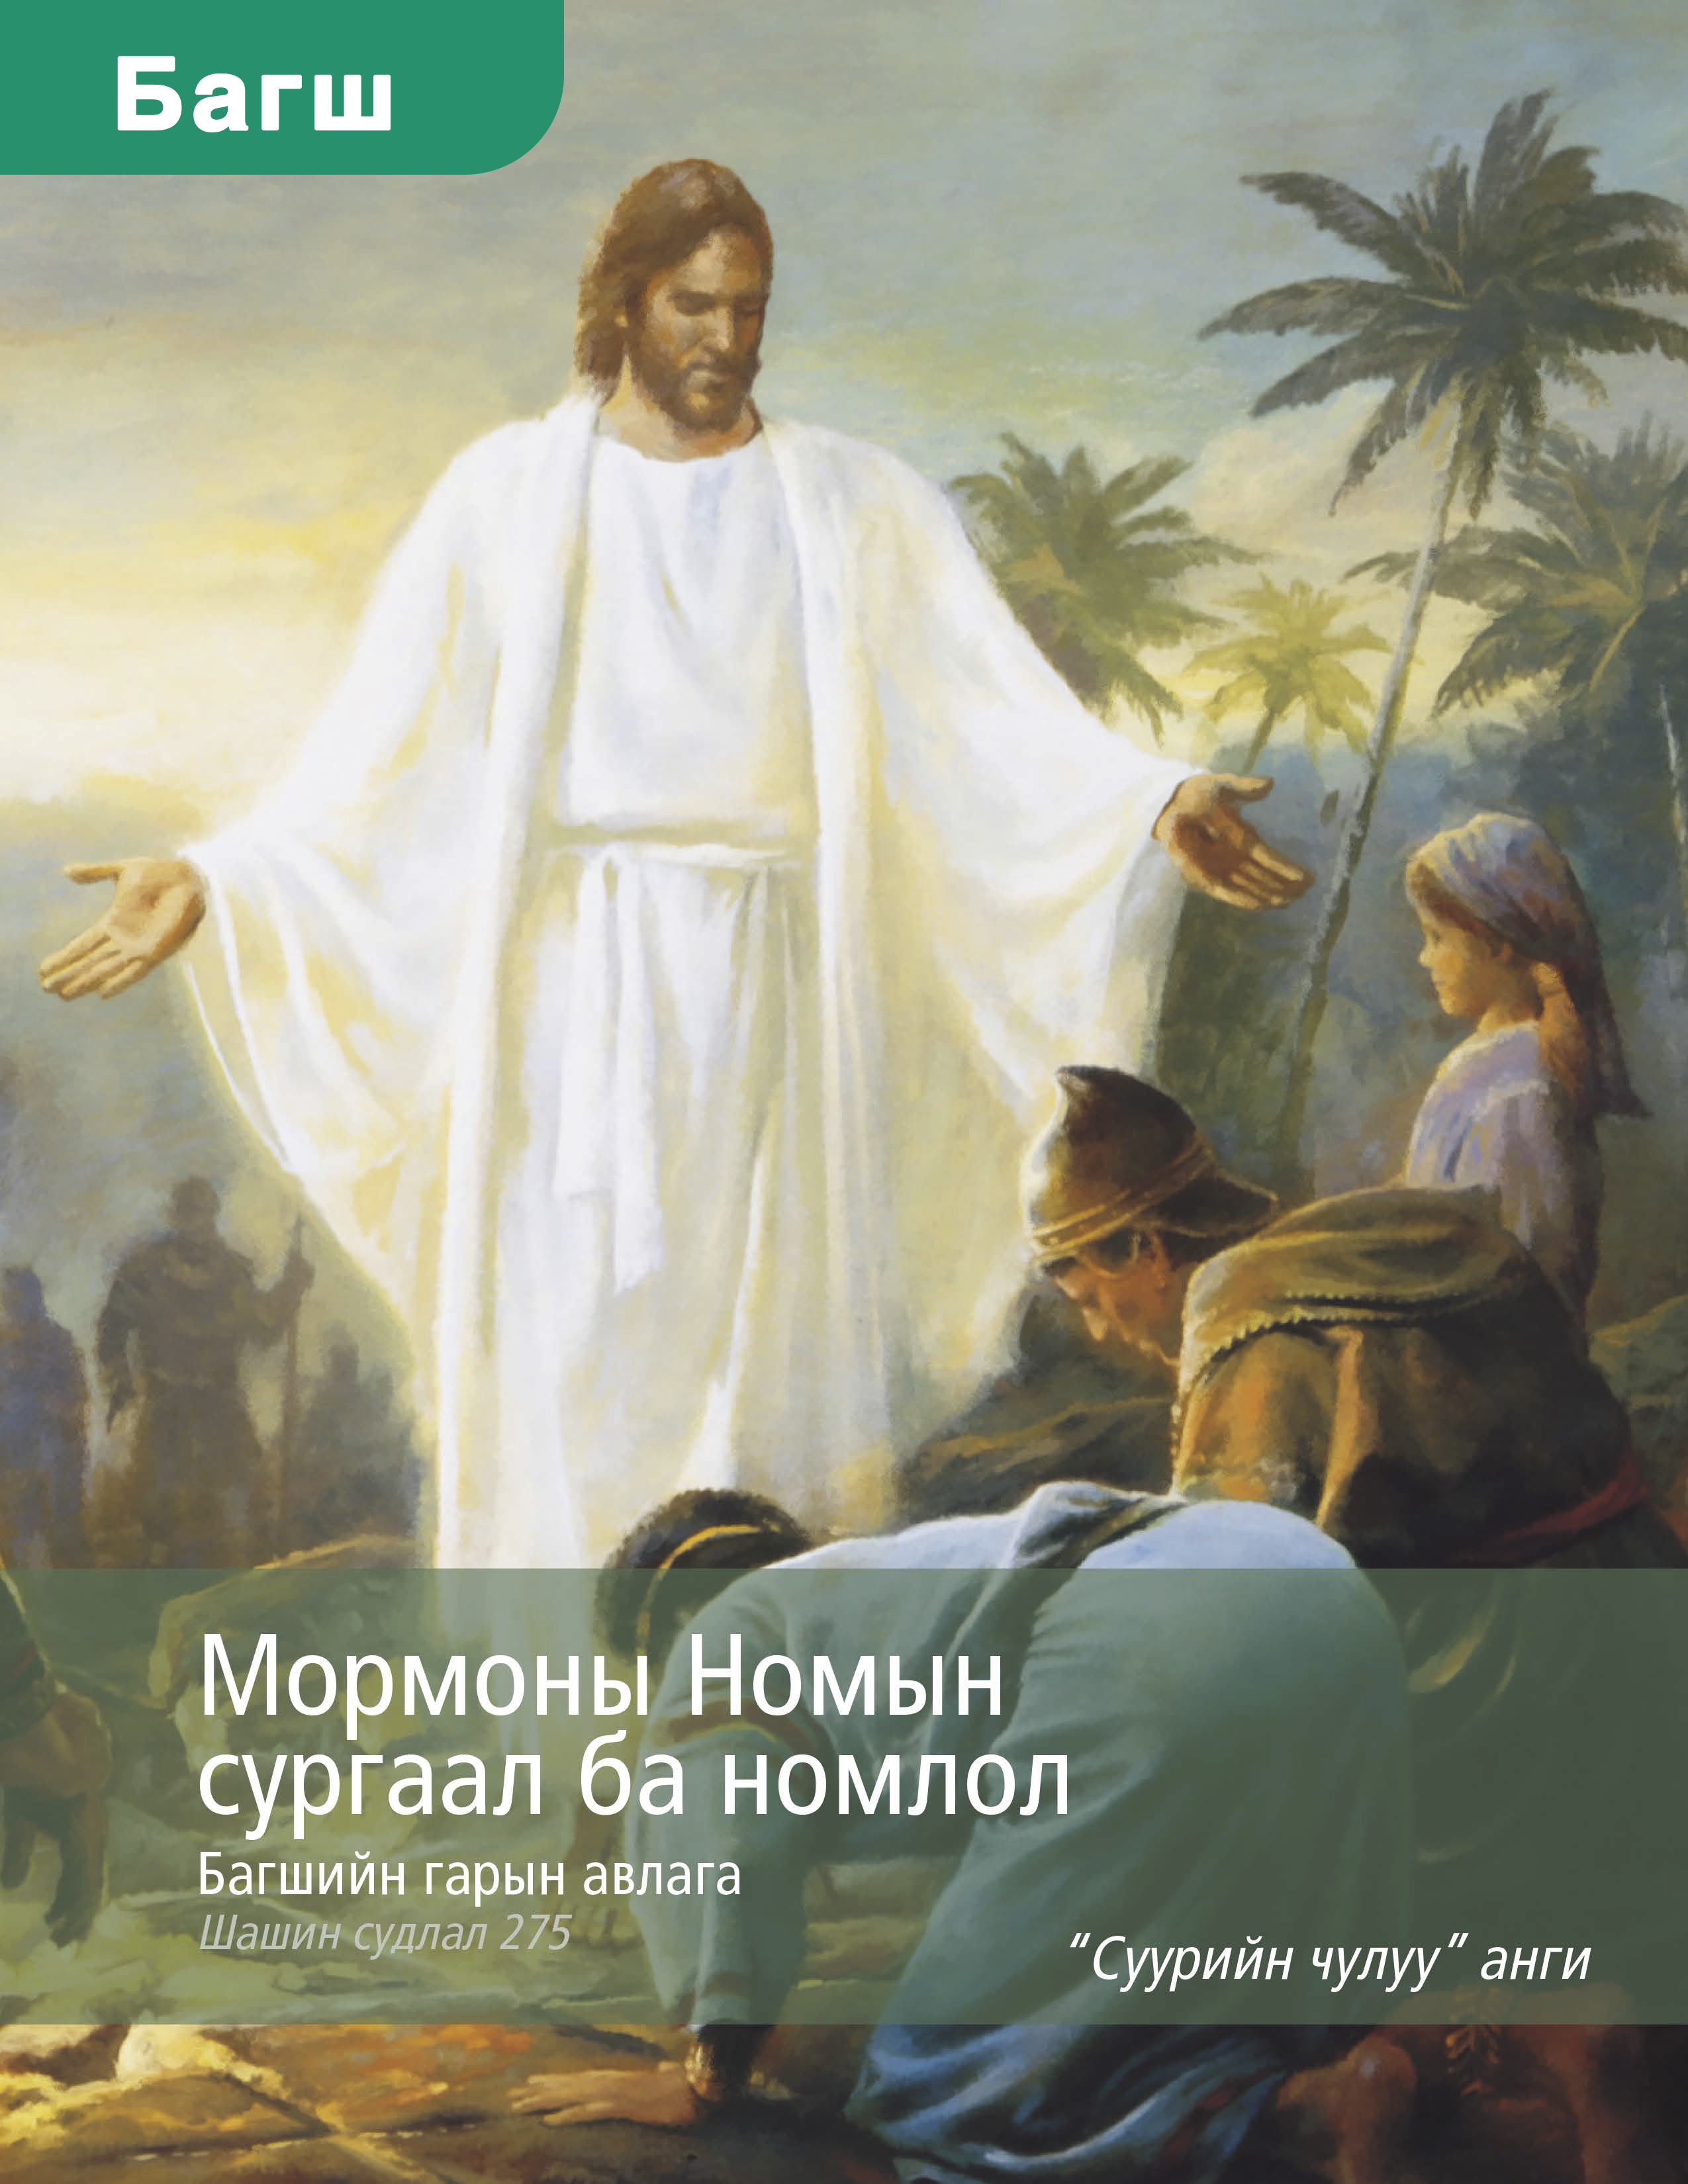 """""""Мормоны Номын сургаал ба номлол"""" багшийн гарын авлага (Шашин судлал 275)"""